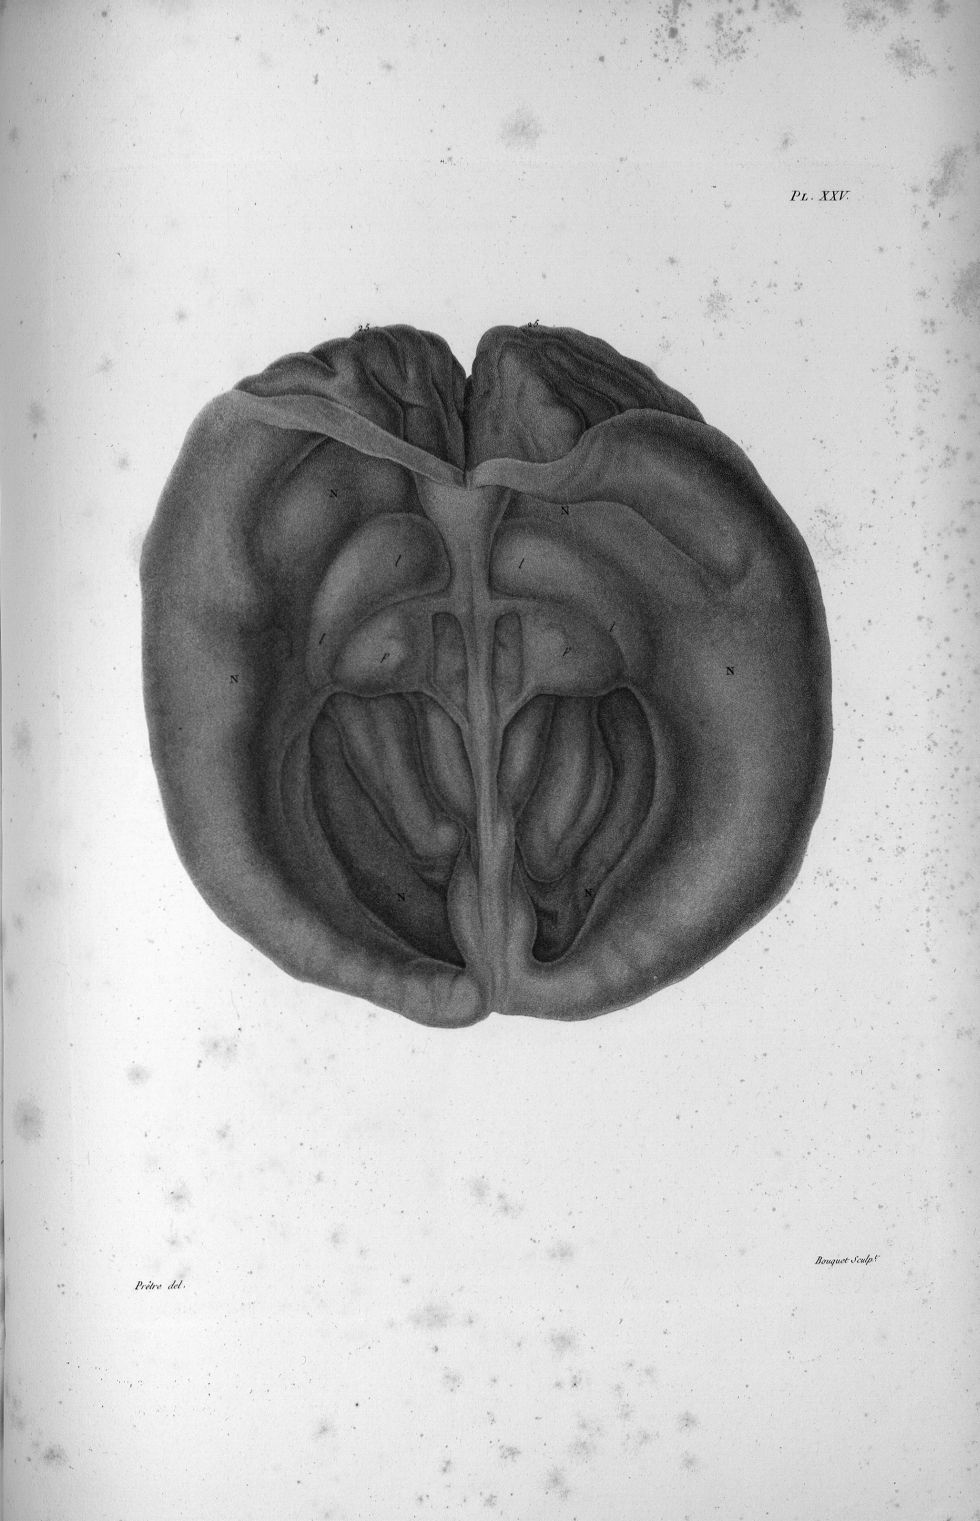 Pl. XXV. Cerveau d'une femme hydrocéphale de cinquante-cinq ans, contenant quatre litres d'eau, et j [...] - Anatomie. Neurologie. Crânes. Phrénologie. 19e siècle (France) - med00575x02x0345